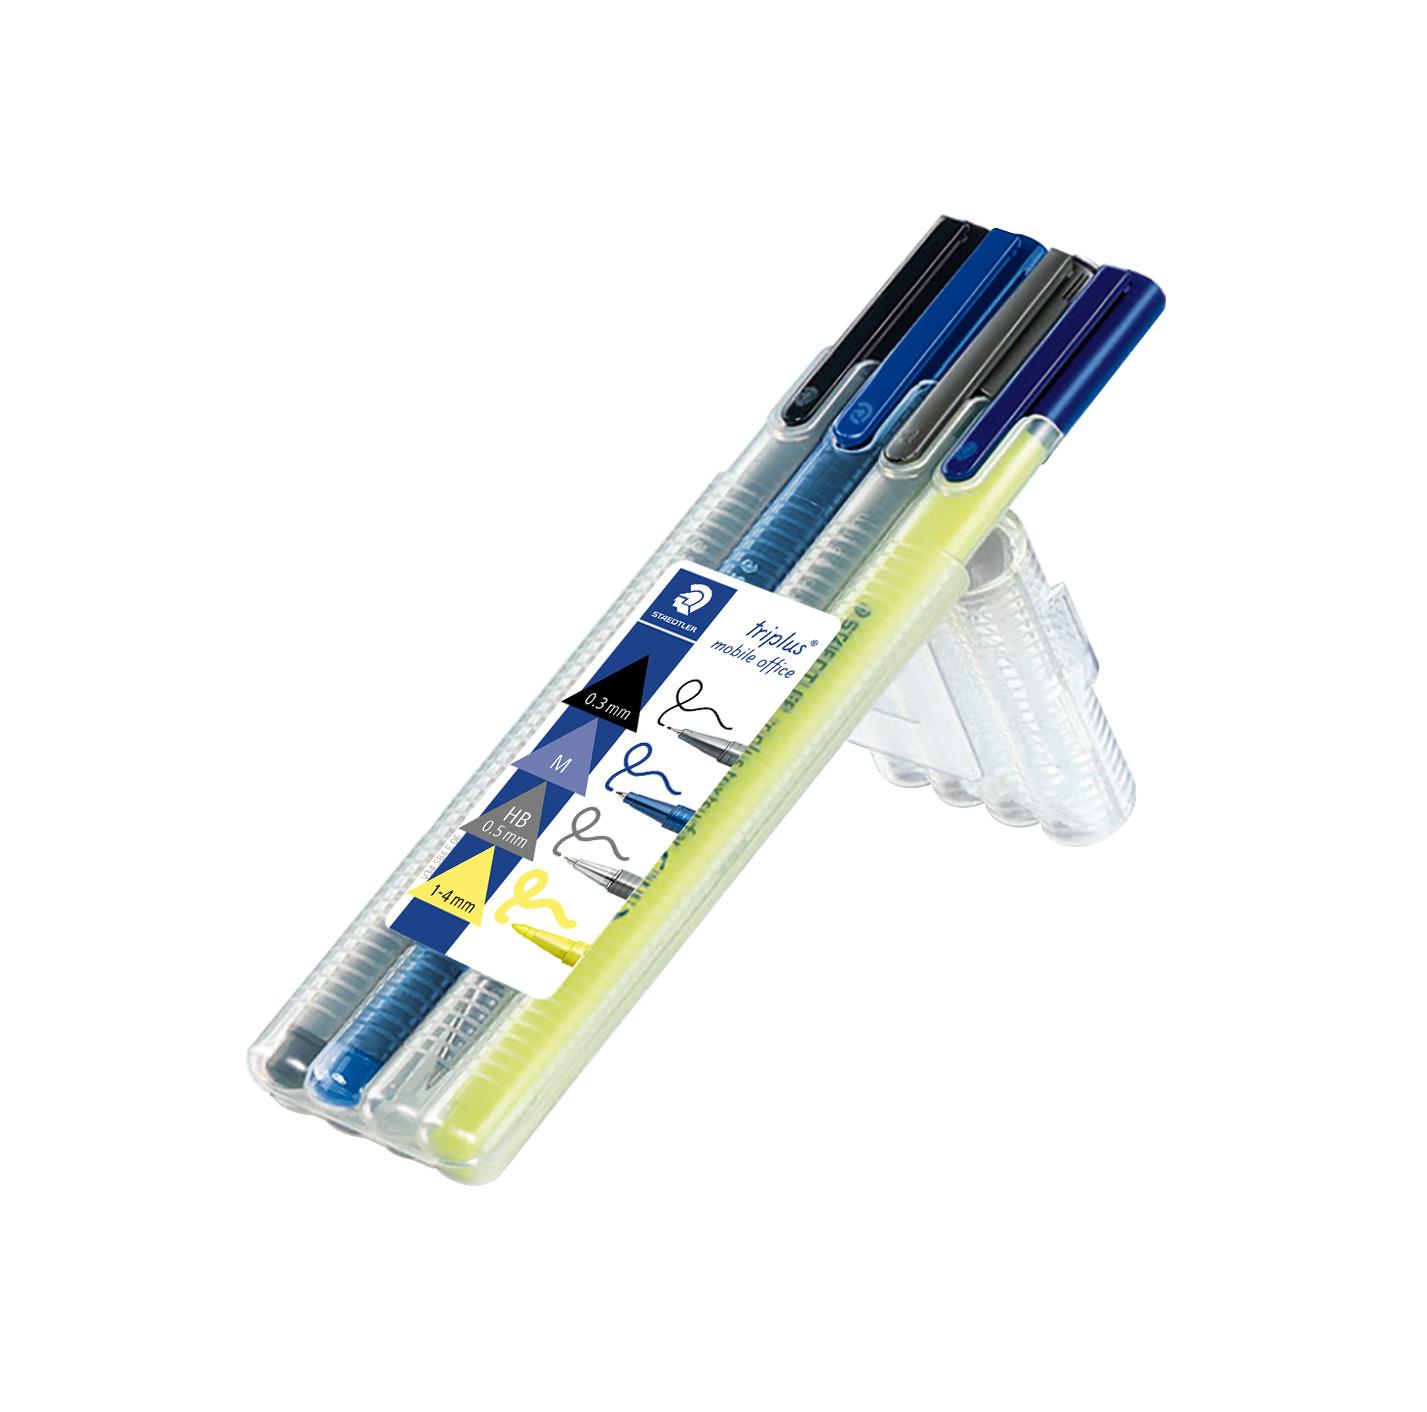 Conjunto misto de instrumentos de escrita triangulares - Triplus Mobile Office 34 - Staedtler